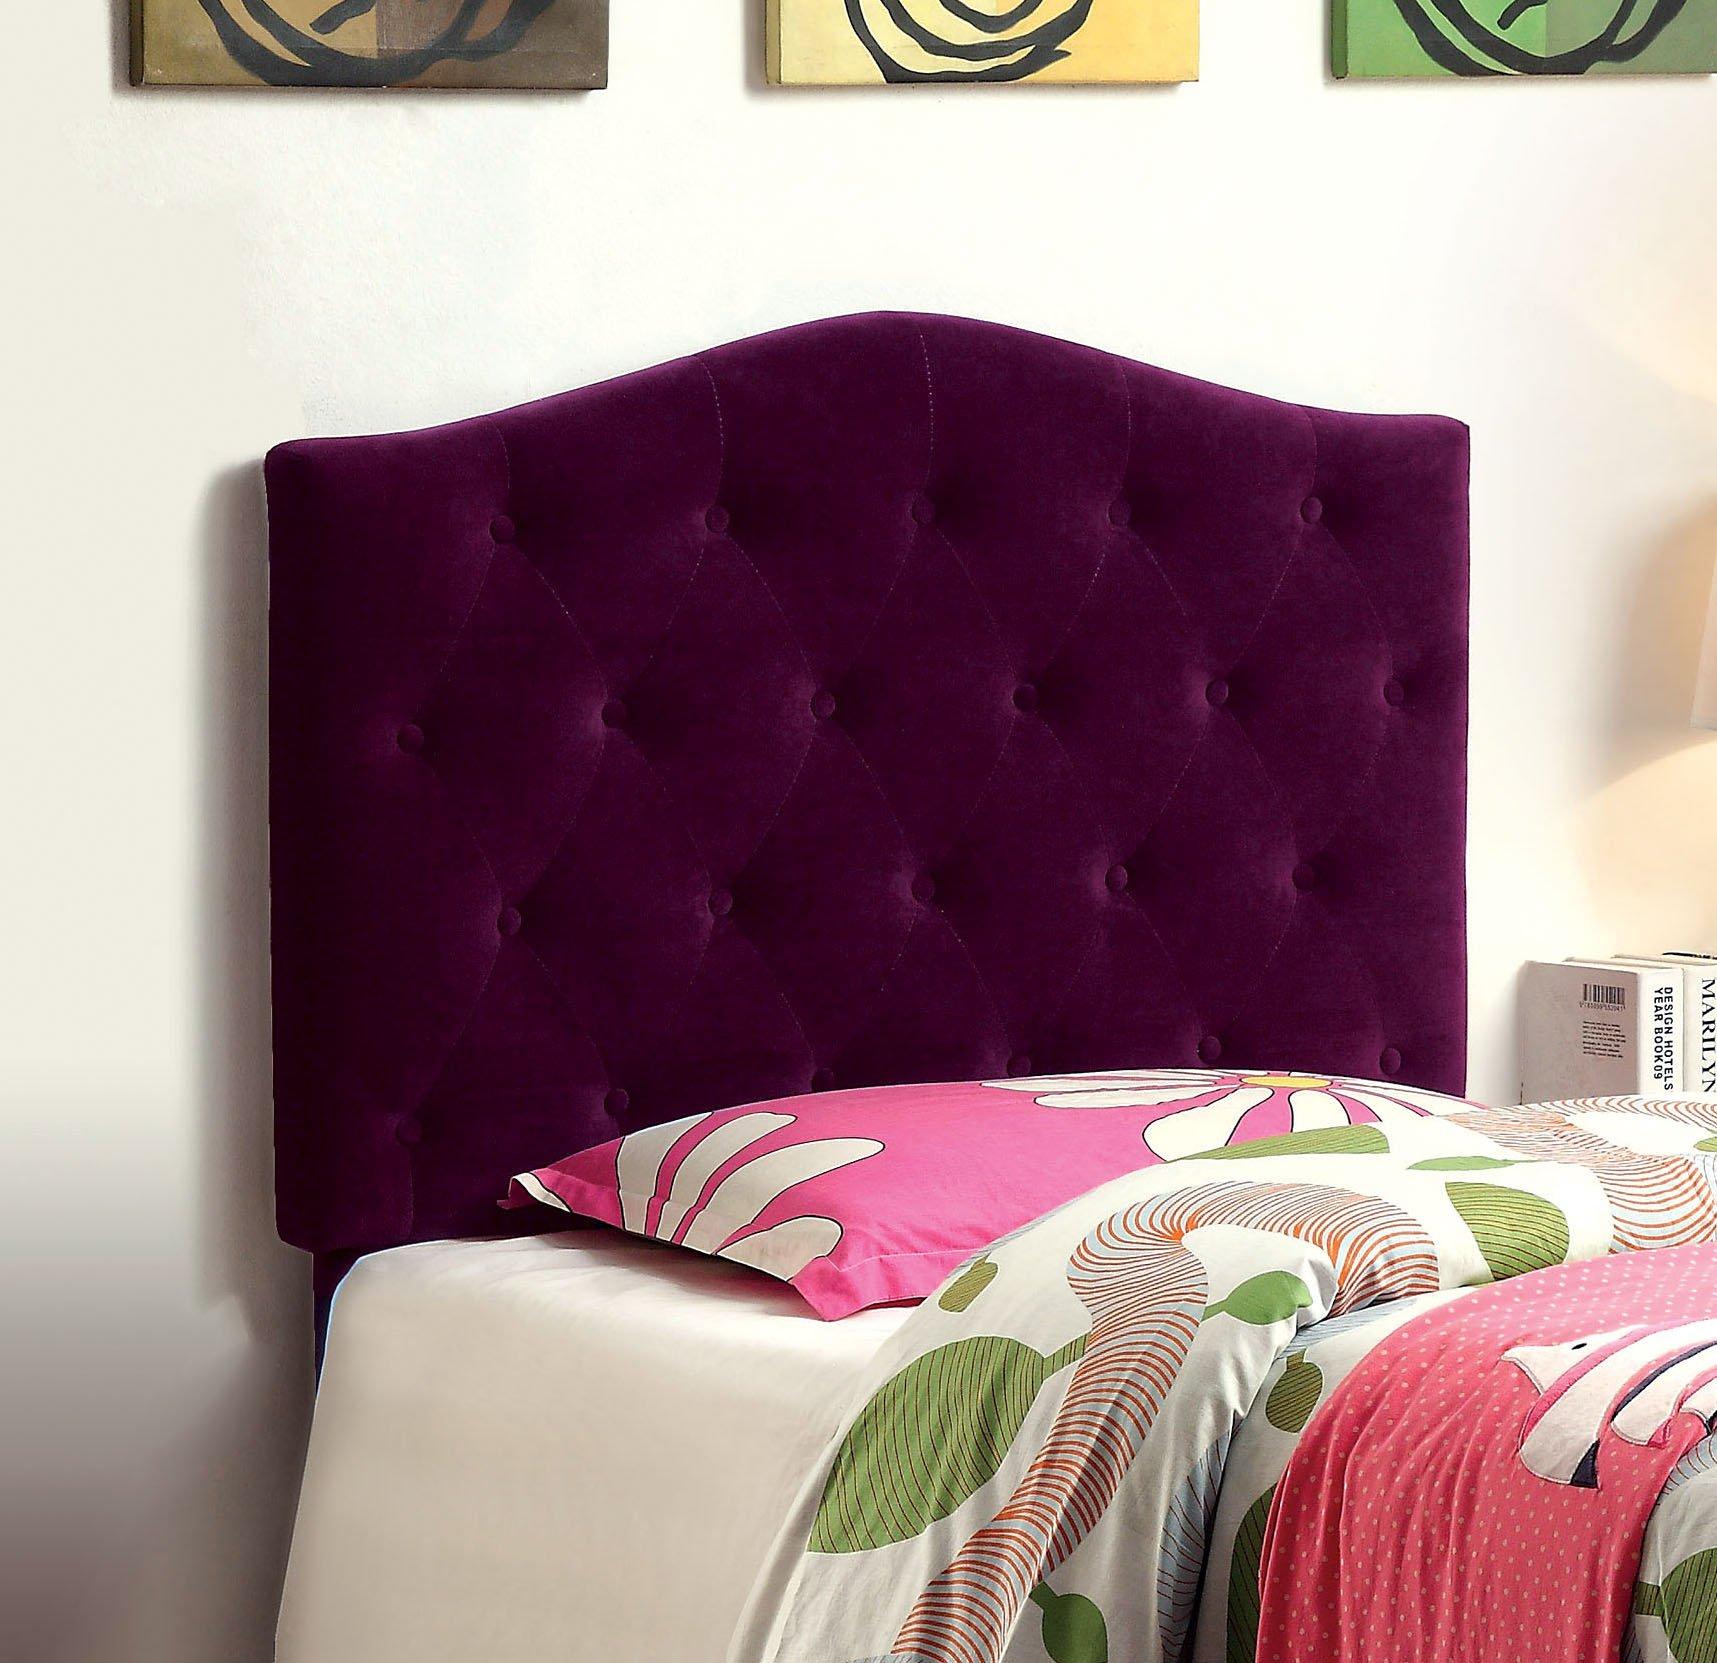 Furniture of America Satin Flax Fabric Button Tufted Headboard, Twin, Purple